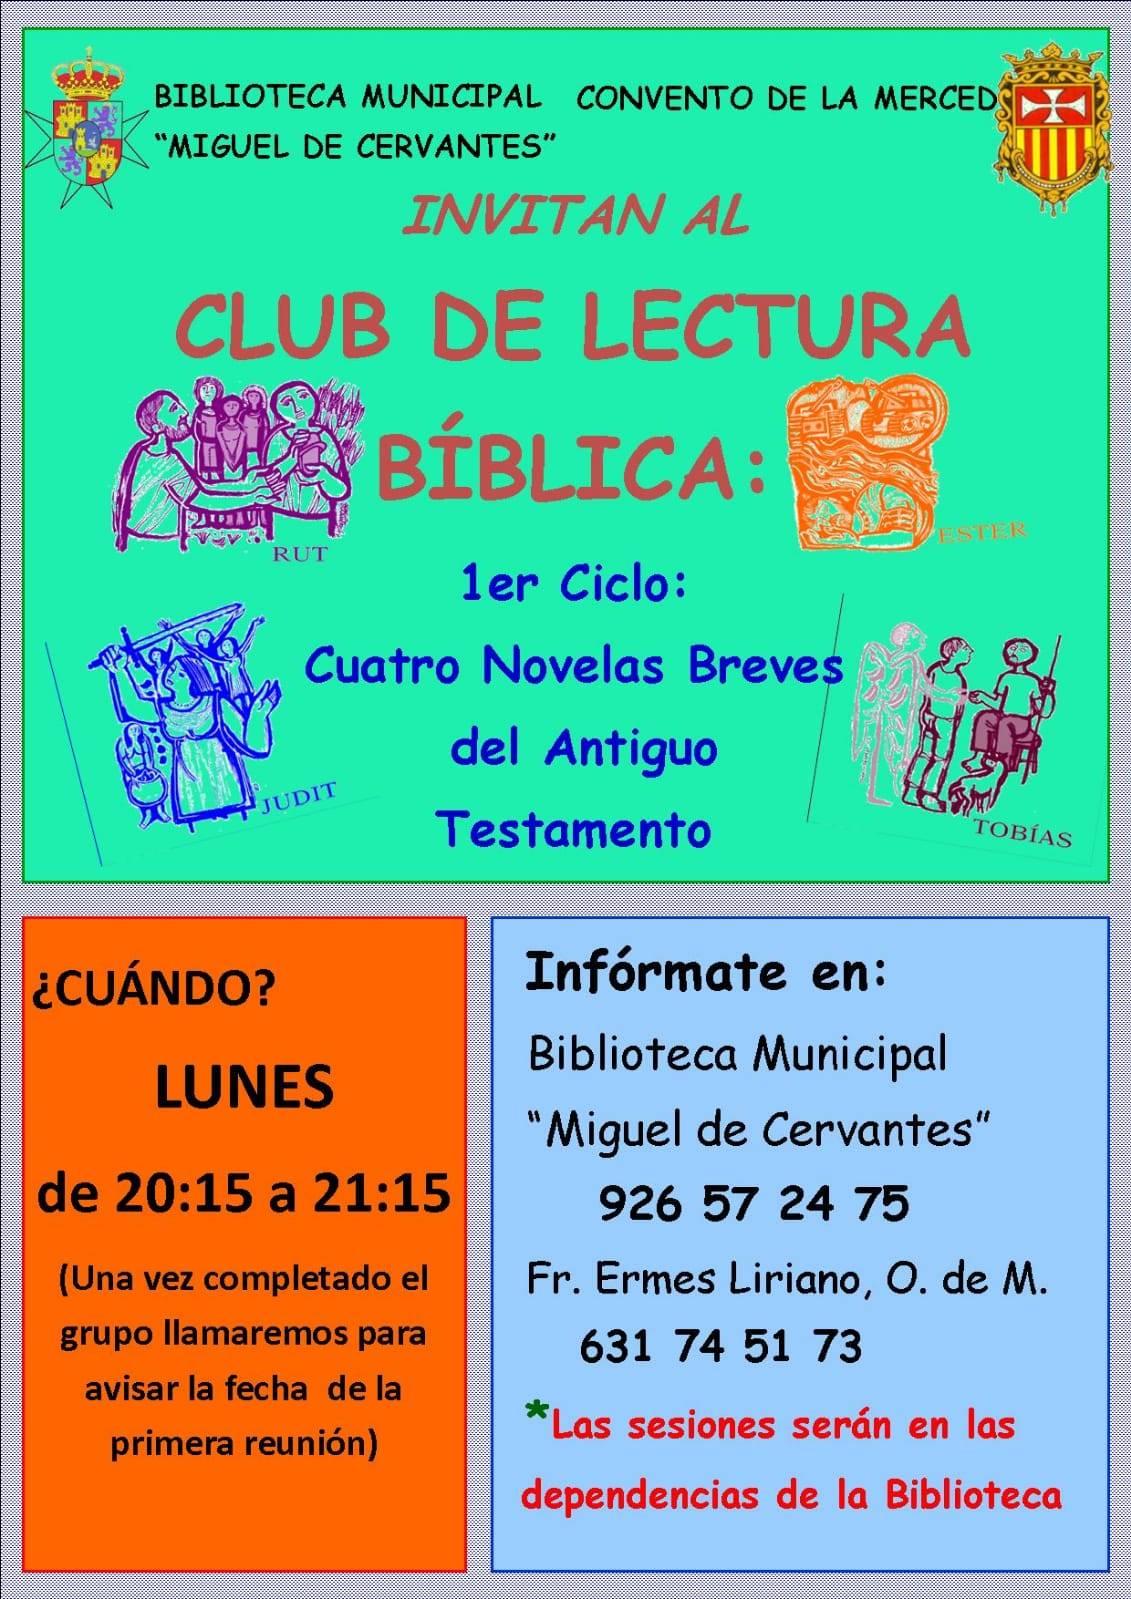 club de lectura bíblica - Abierta la inscripción para un nuevo club de lectura bíblica